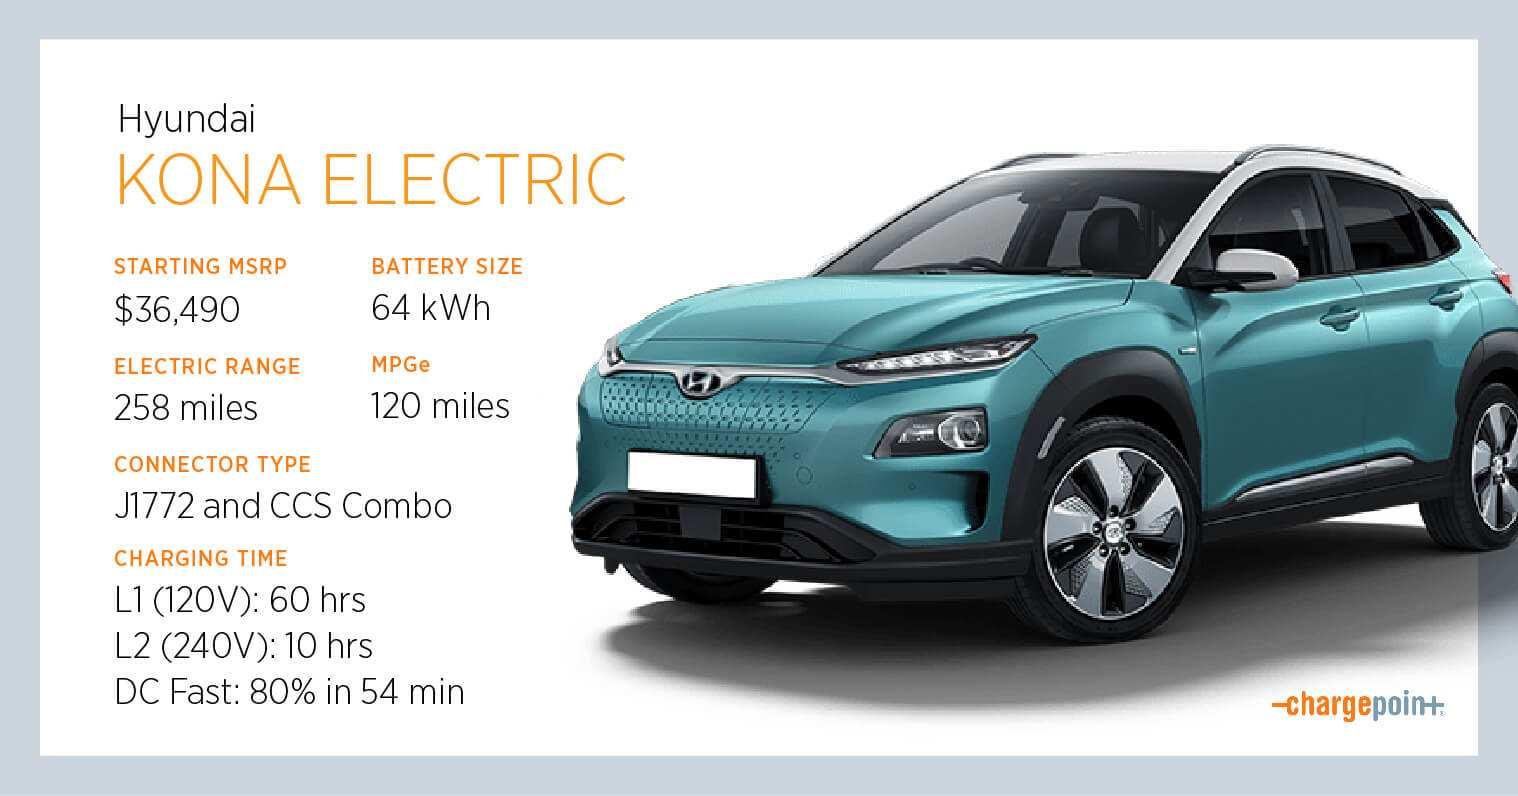 33 New Hyundai Kona Ev 2020 Pricing by Hyundai Kona Ev 2020